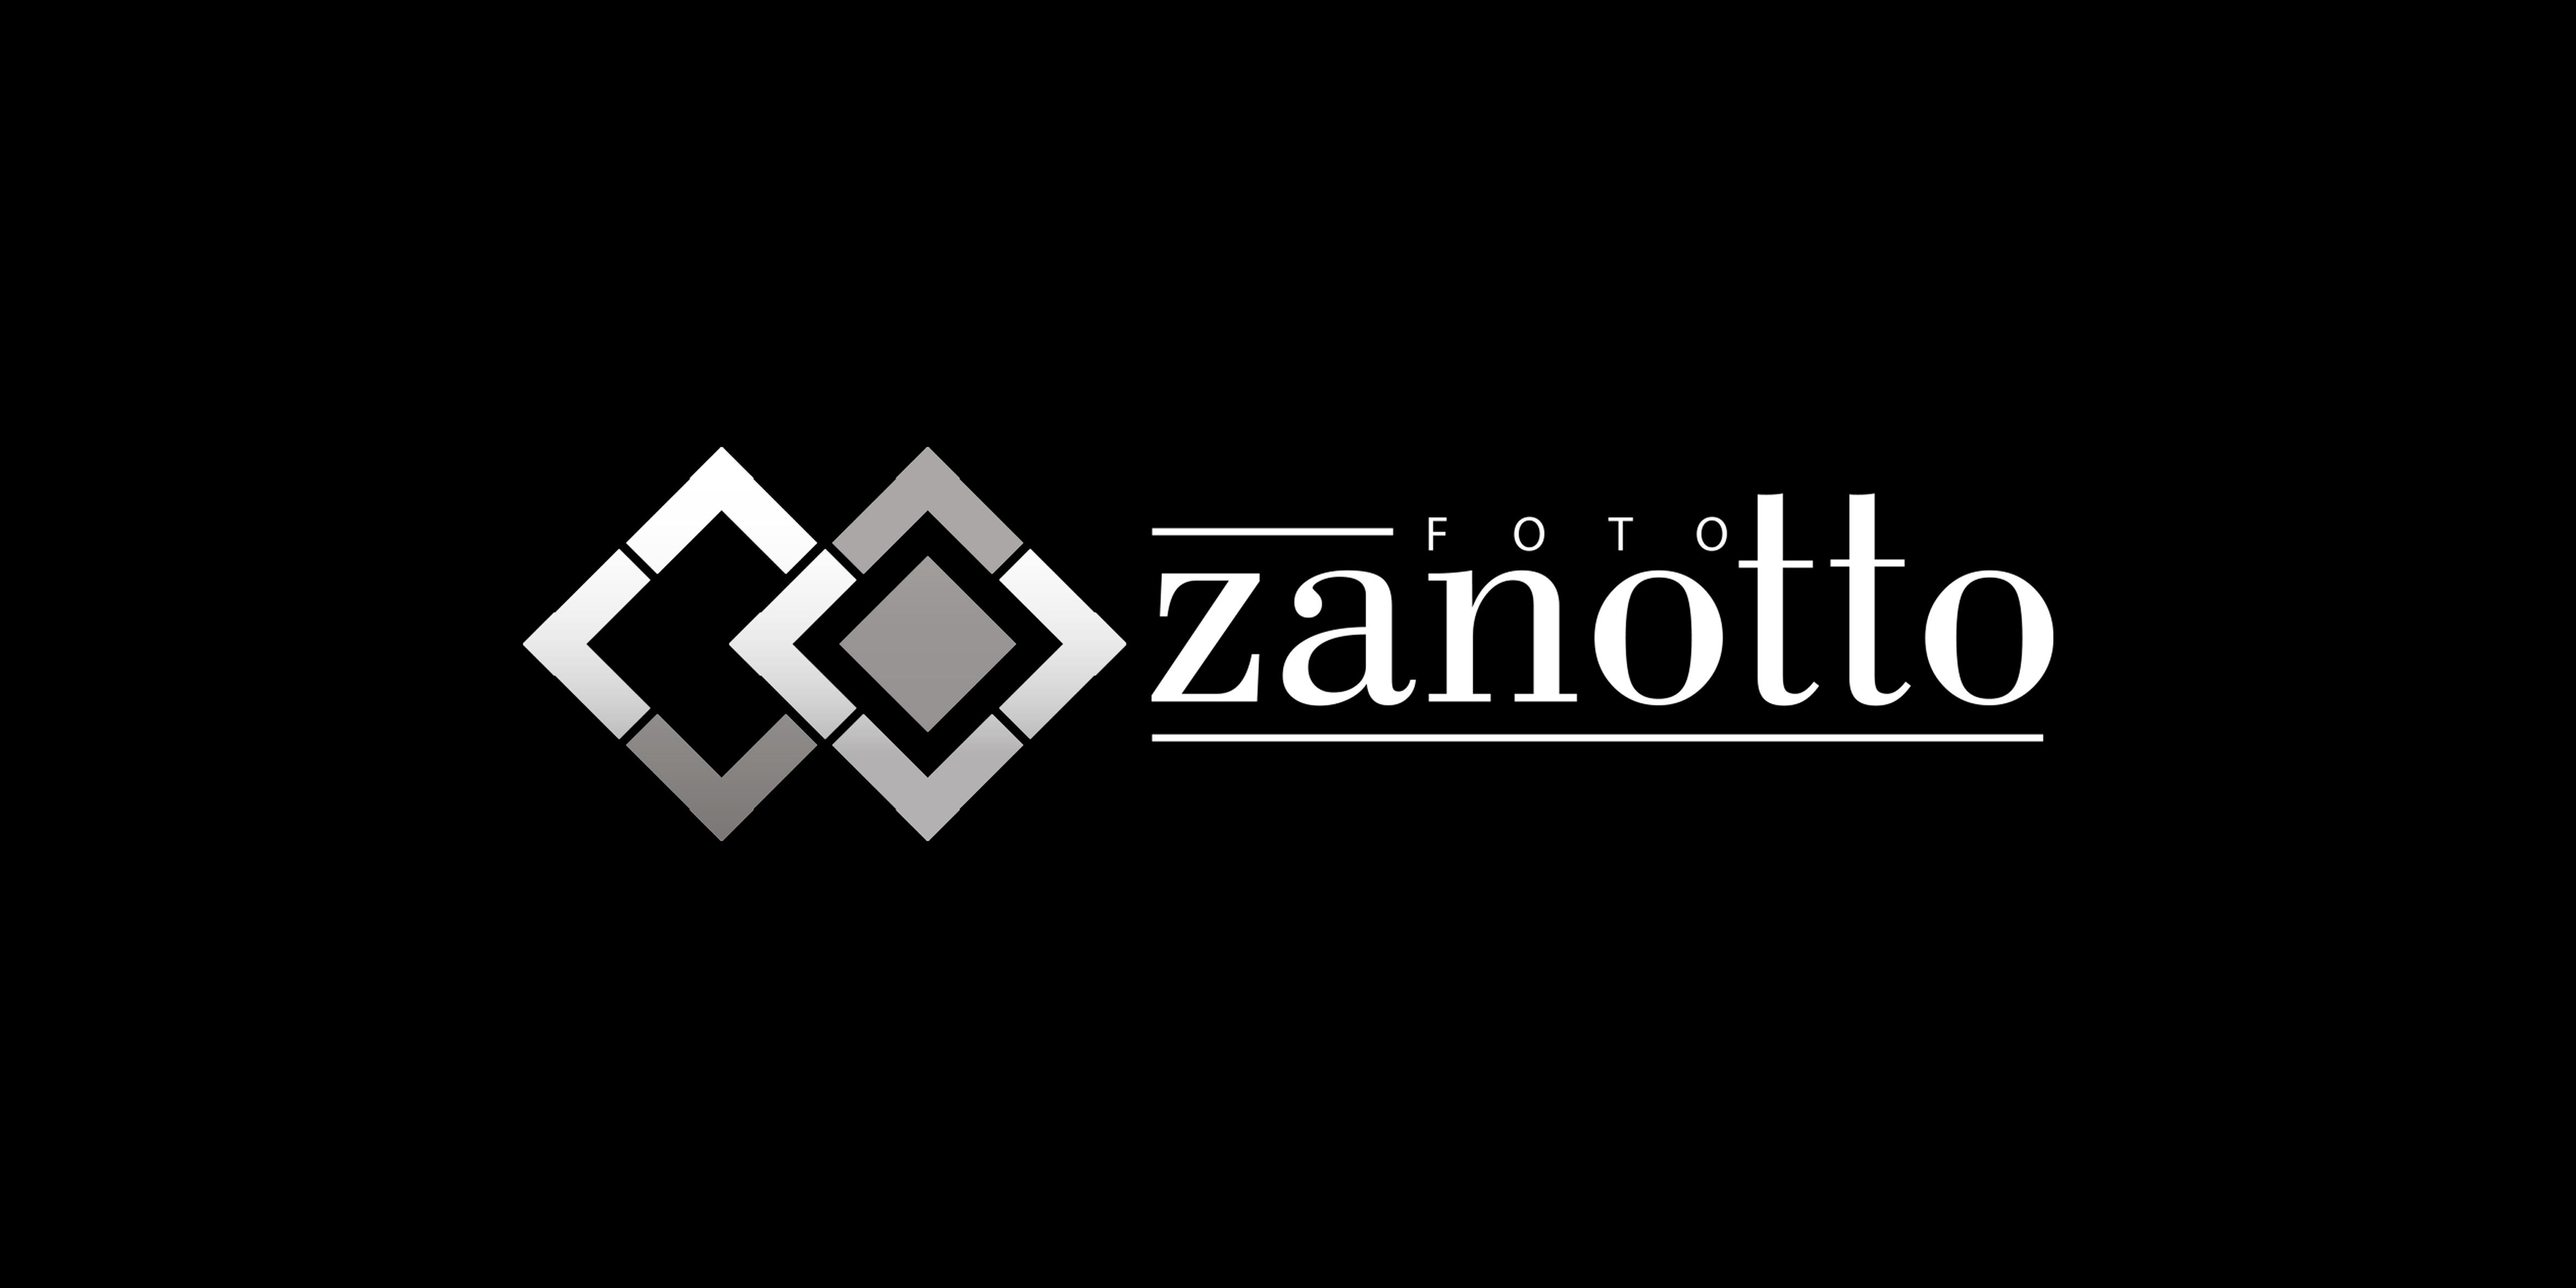 Contate Foto Zanotto